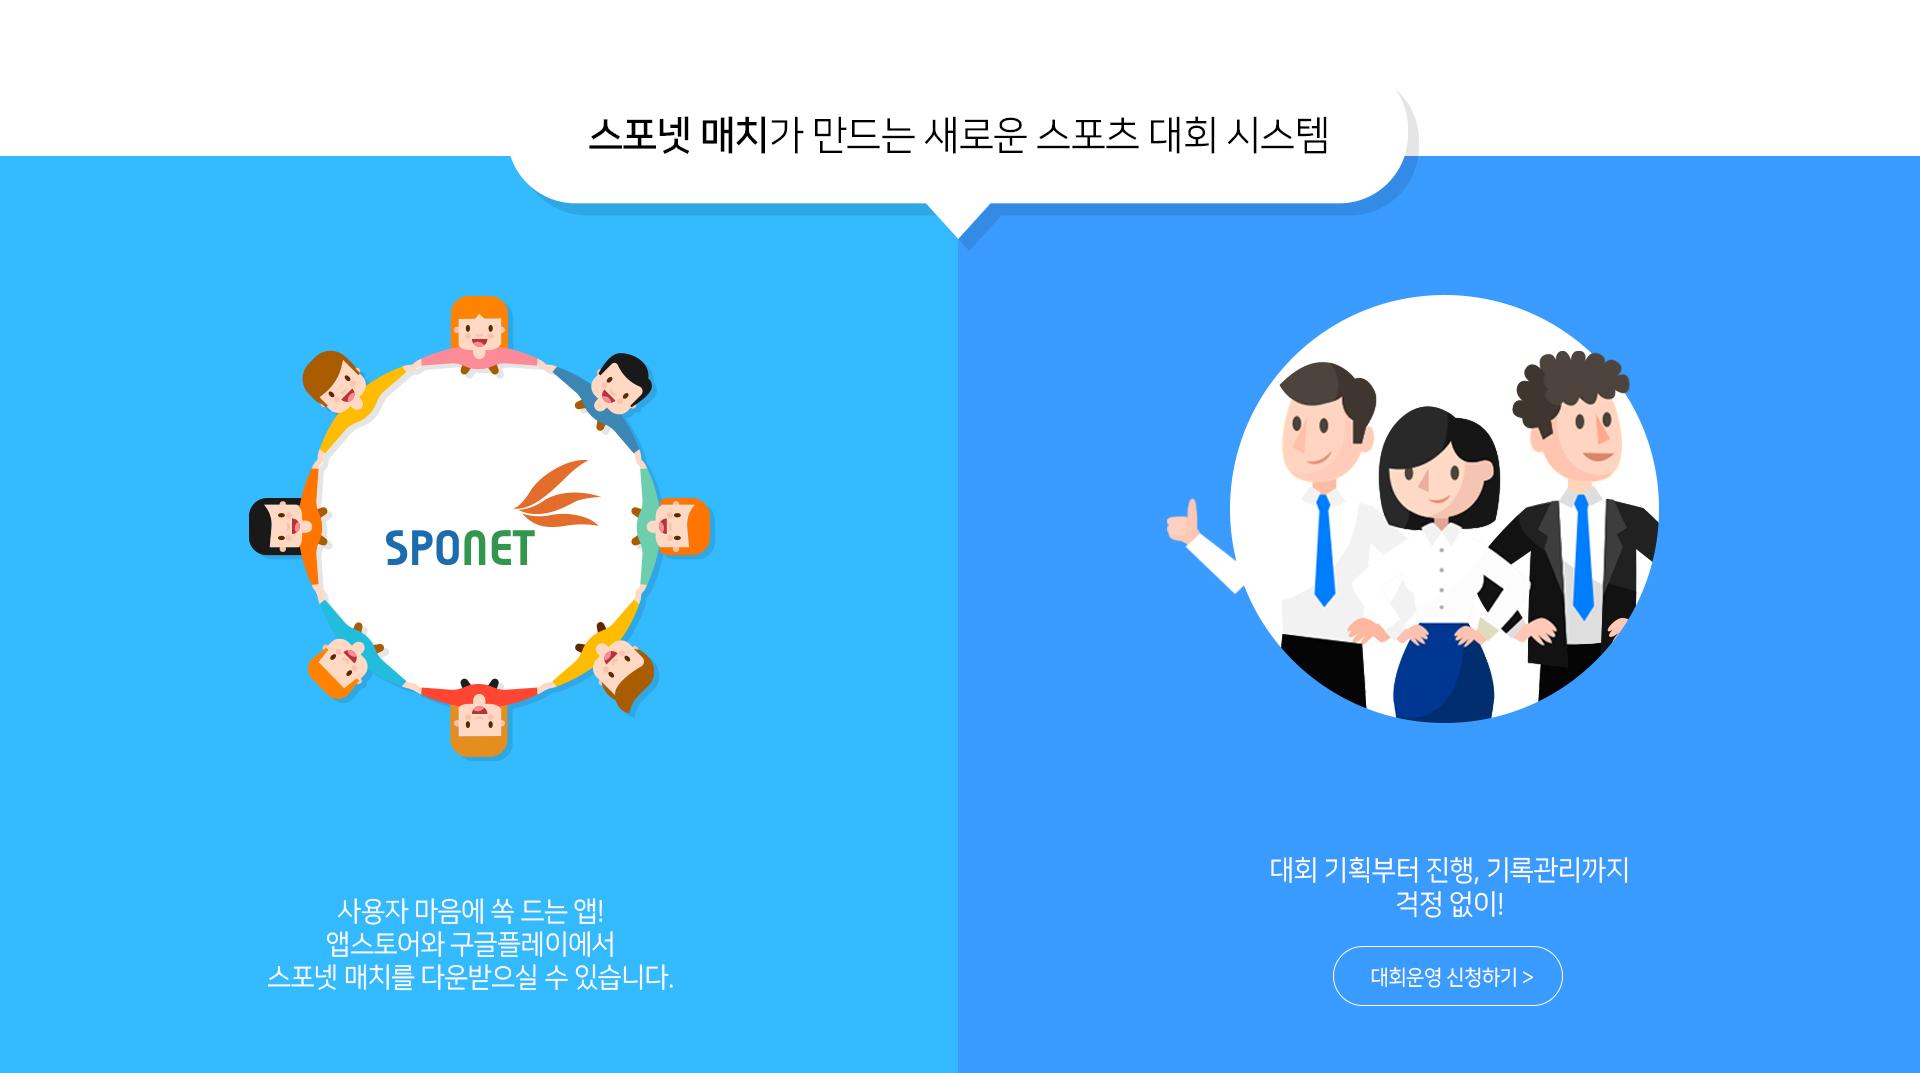 스포넷메치상세이미지4